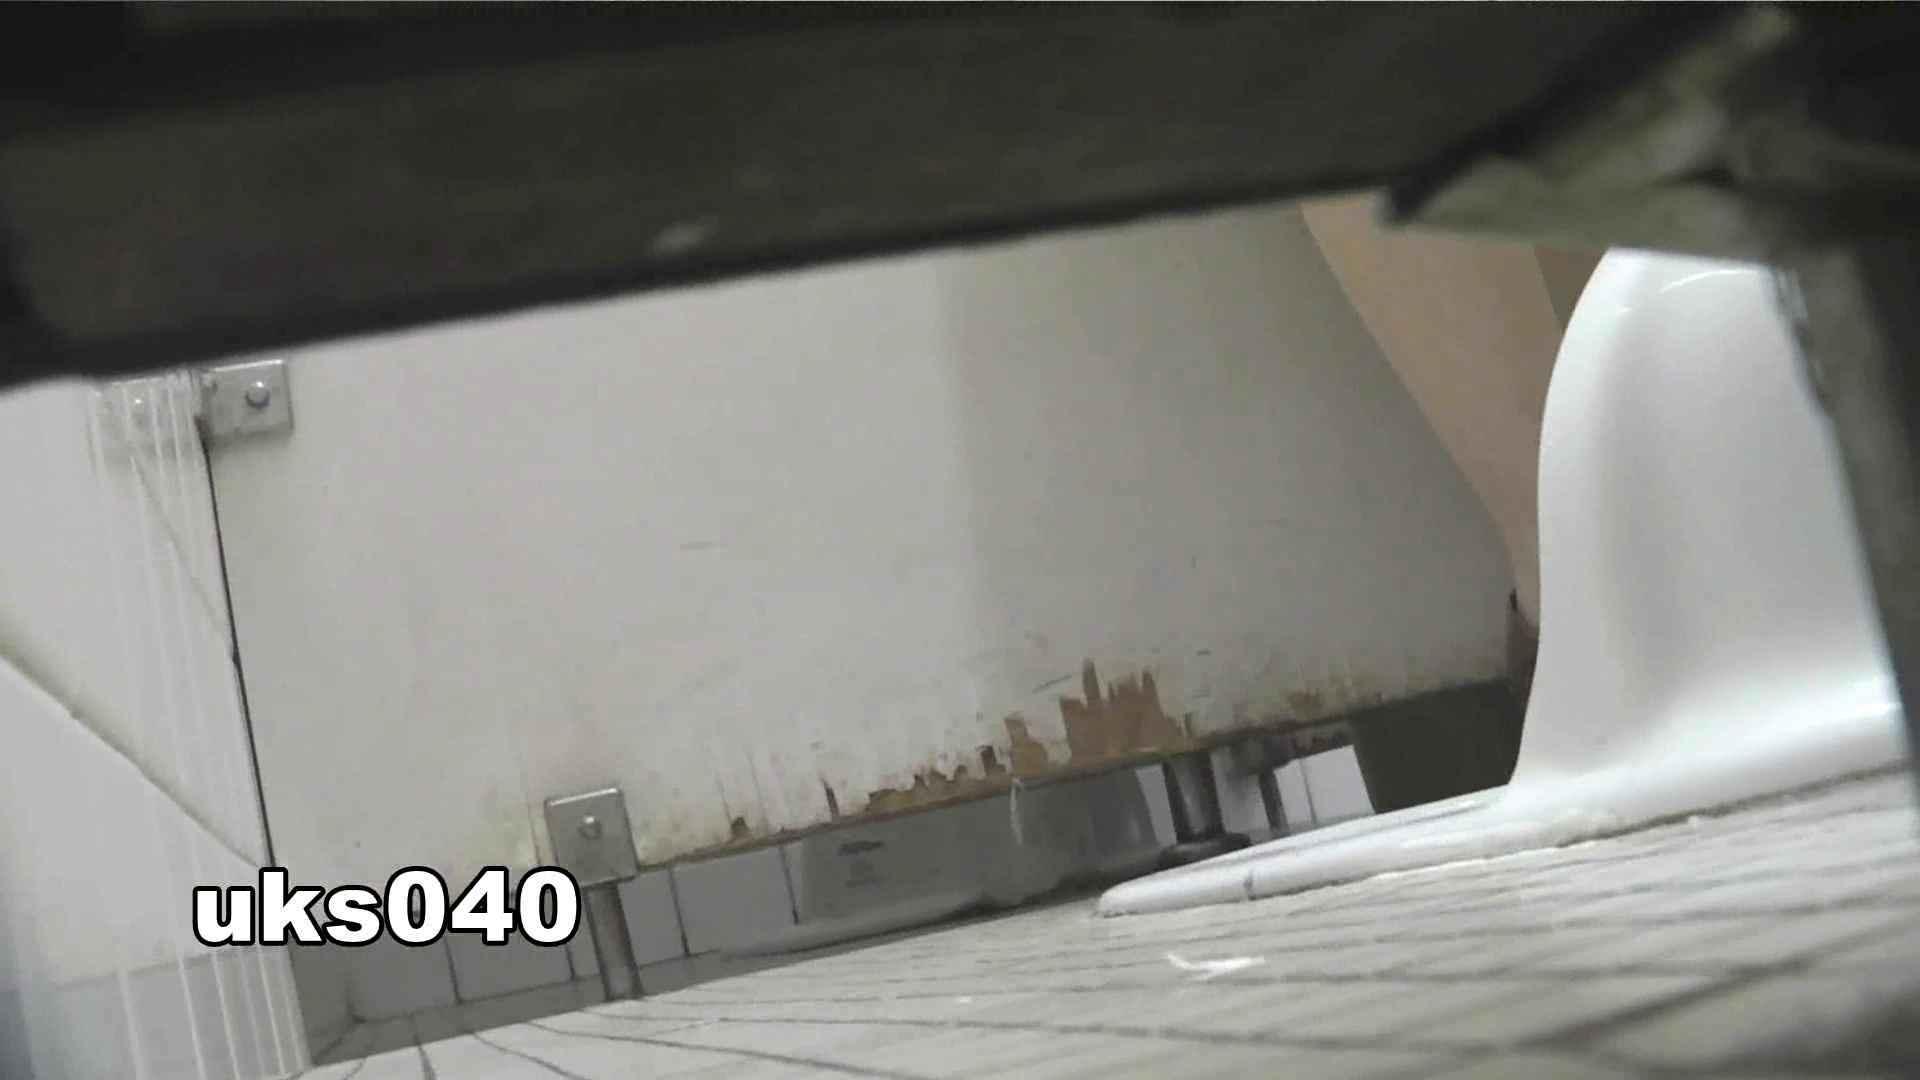 【美しき個室な世界】 vol.040 出て行かれる時の清楚姿撮り 洗面所  75画像 9